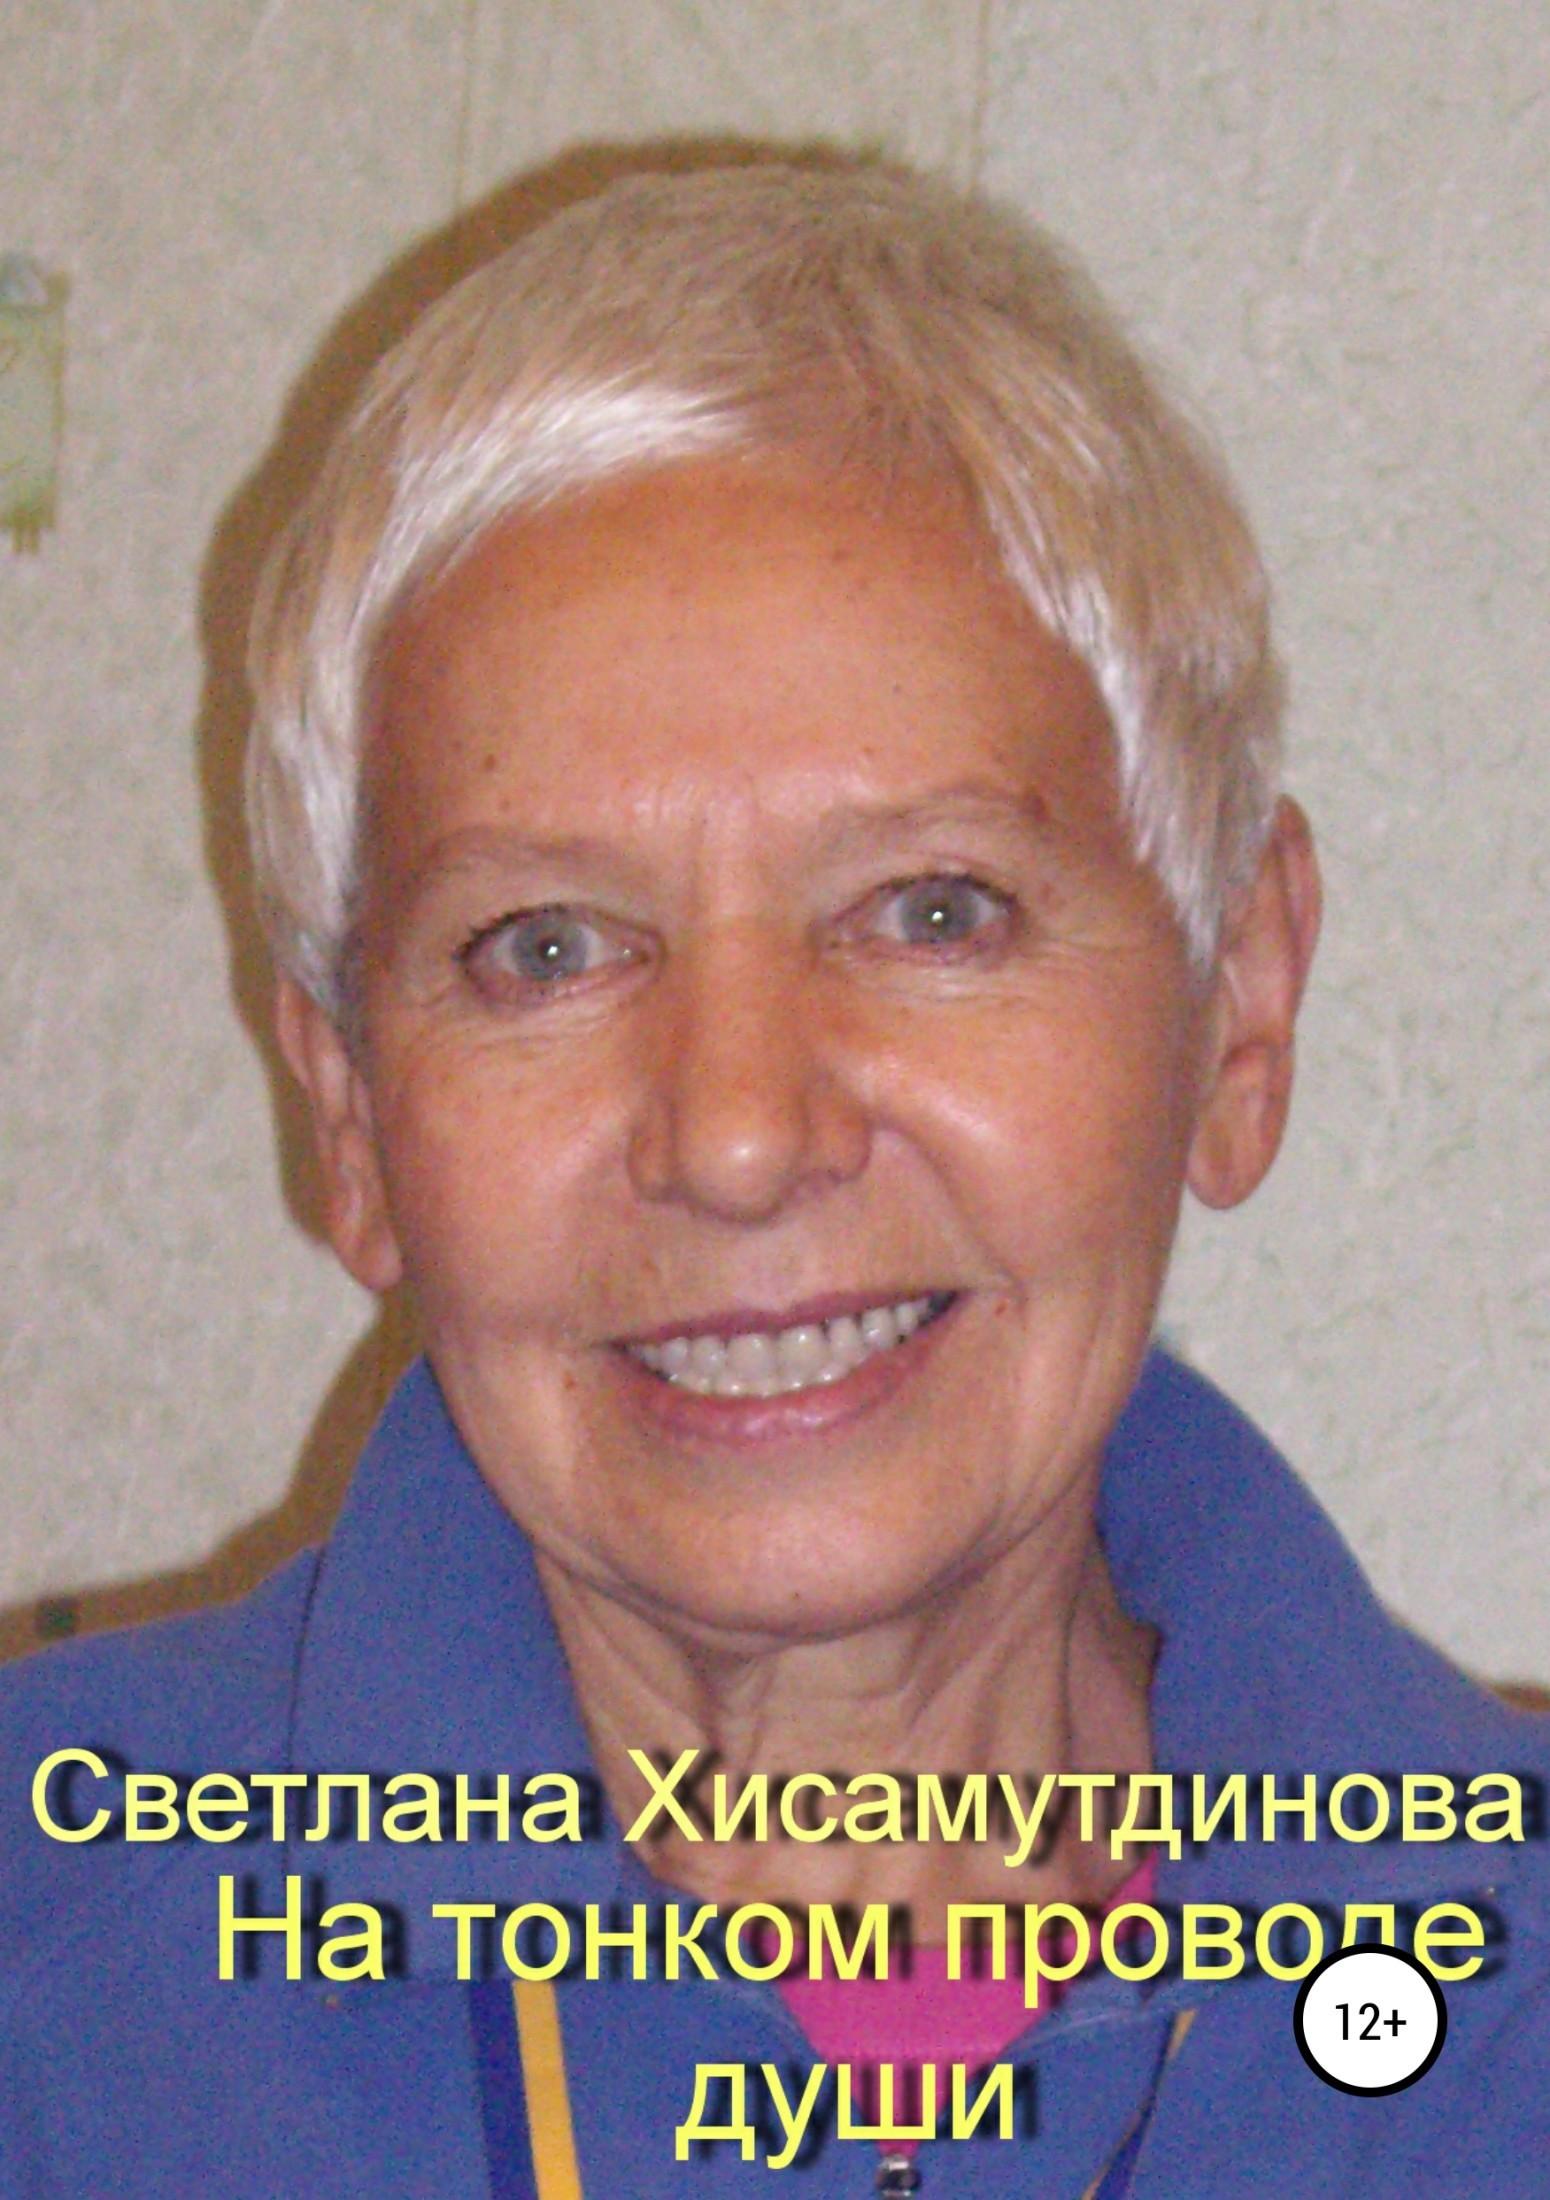 Светлана Александровна Хисамутдинова На тонком проводе души внутреннее обещание шри чинмой